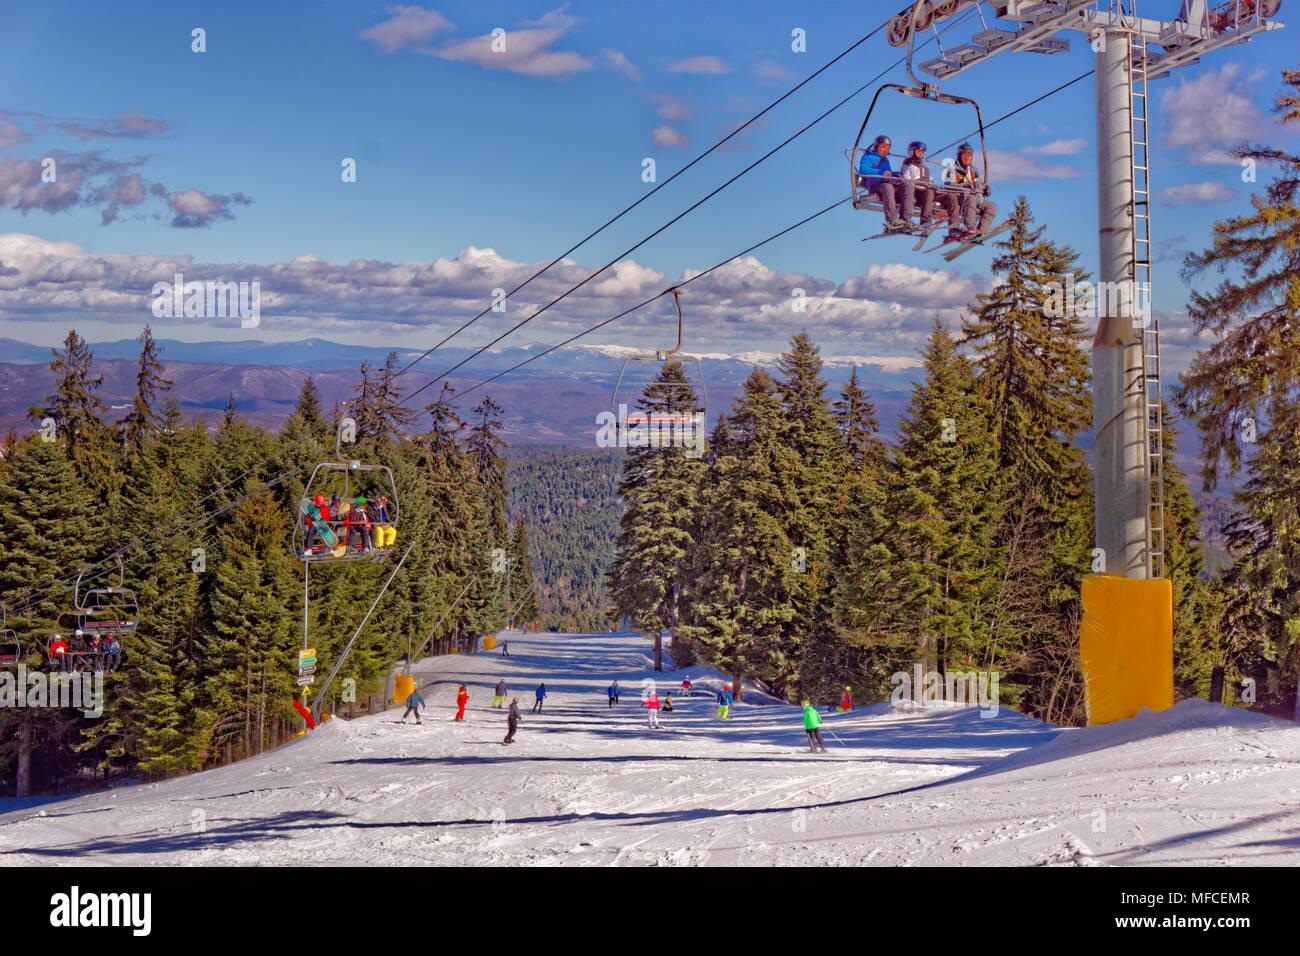 Martinovi Baraki 1 piste da sci a Borovets ski resort, Targovishte, Bulgaria. Immagini Stock